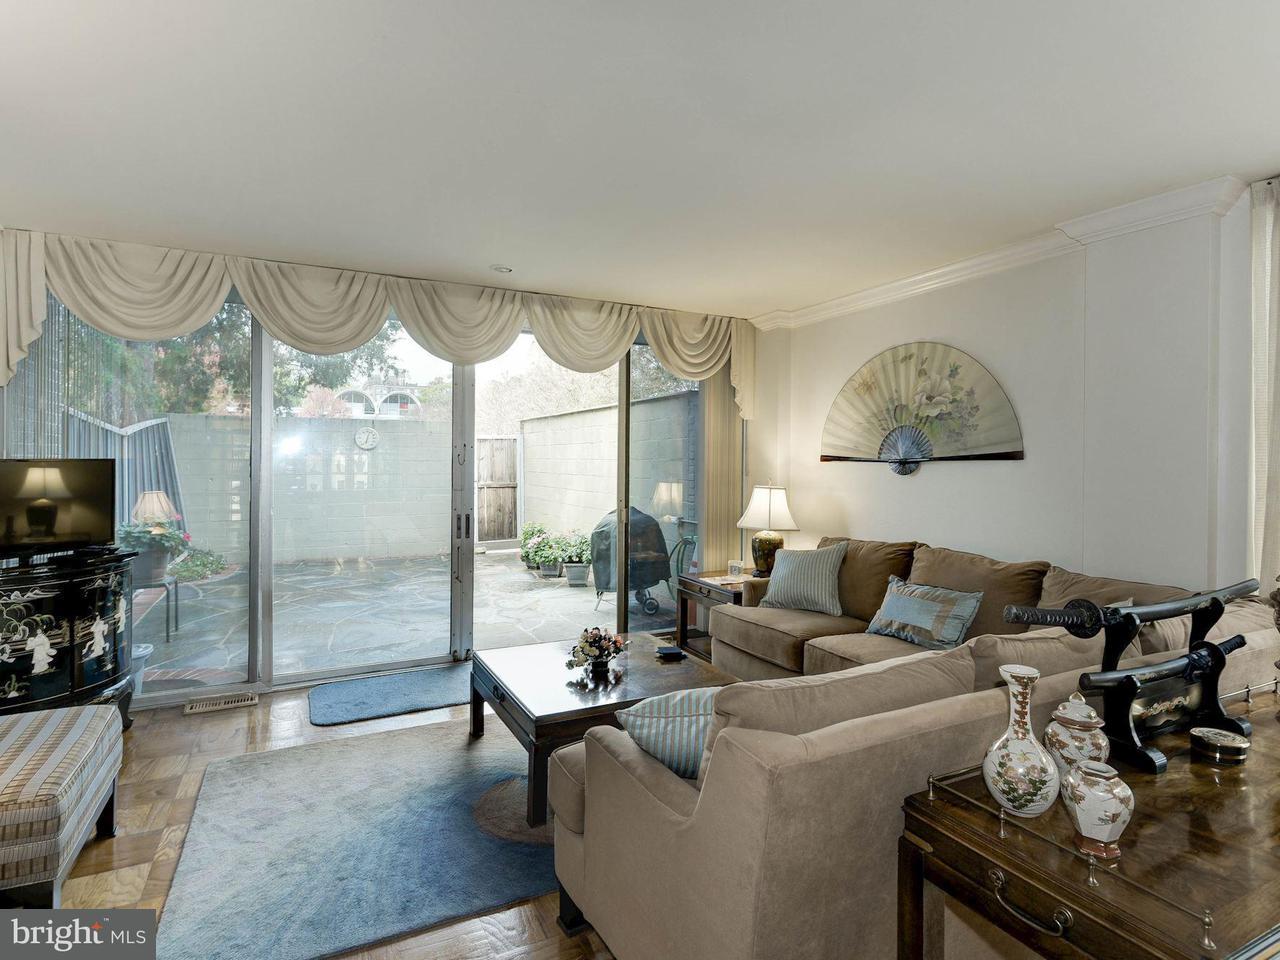 Σπίτι στην πόλη για την Πώληση στο 343 O Street Sw Sw 343 O Street Sw Sw Washington, Περιφερεια Τησ Κολουμπια 20024 Ηνωμενεσ Πολιτειεσ